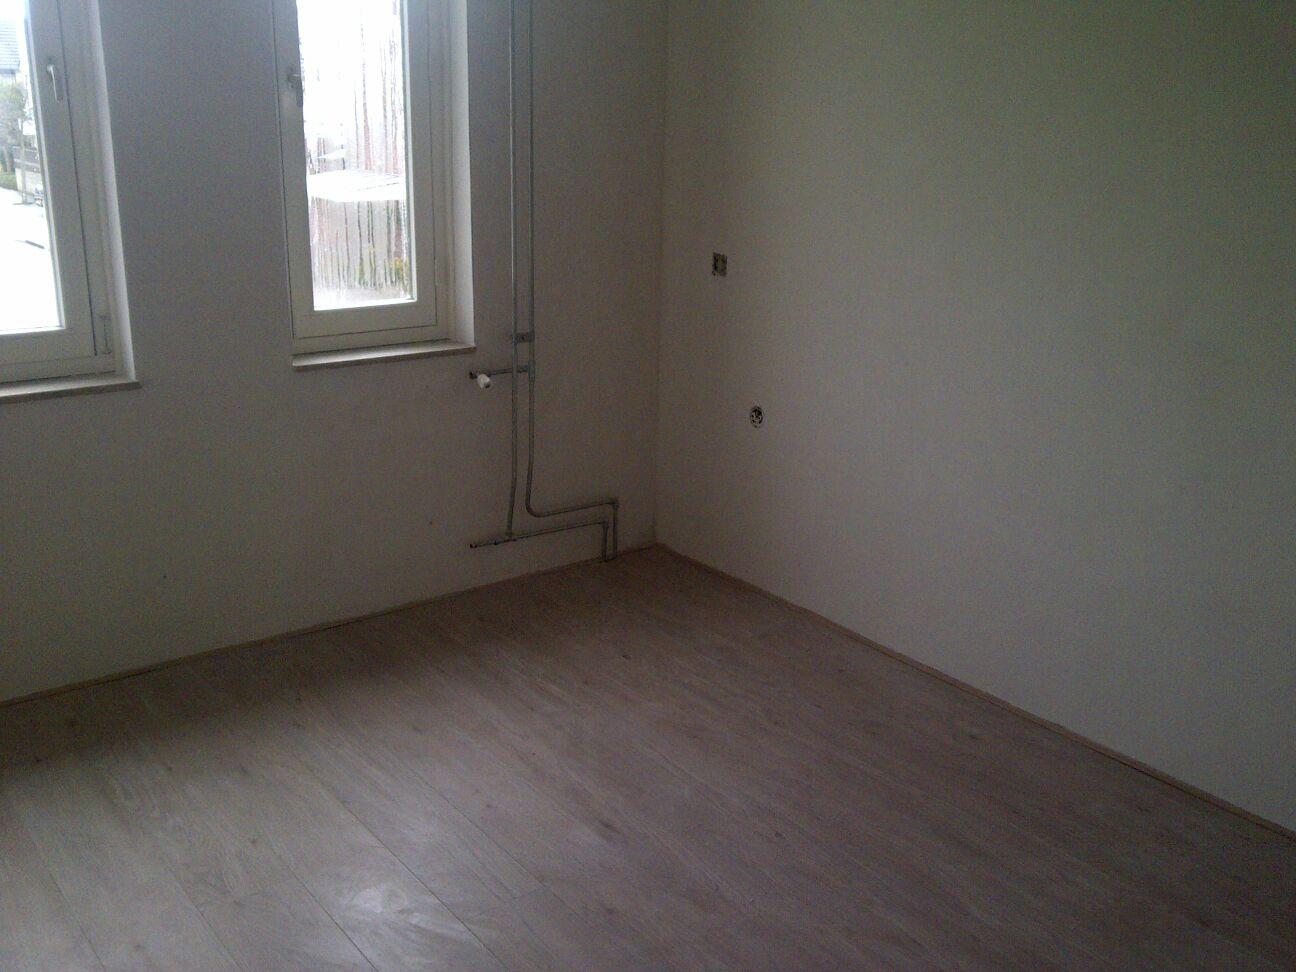 Stucwerk, schilderwerk en badkamer renovatie - Home Service ...